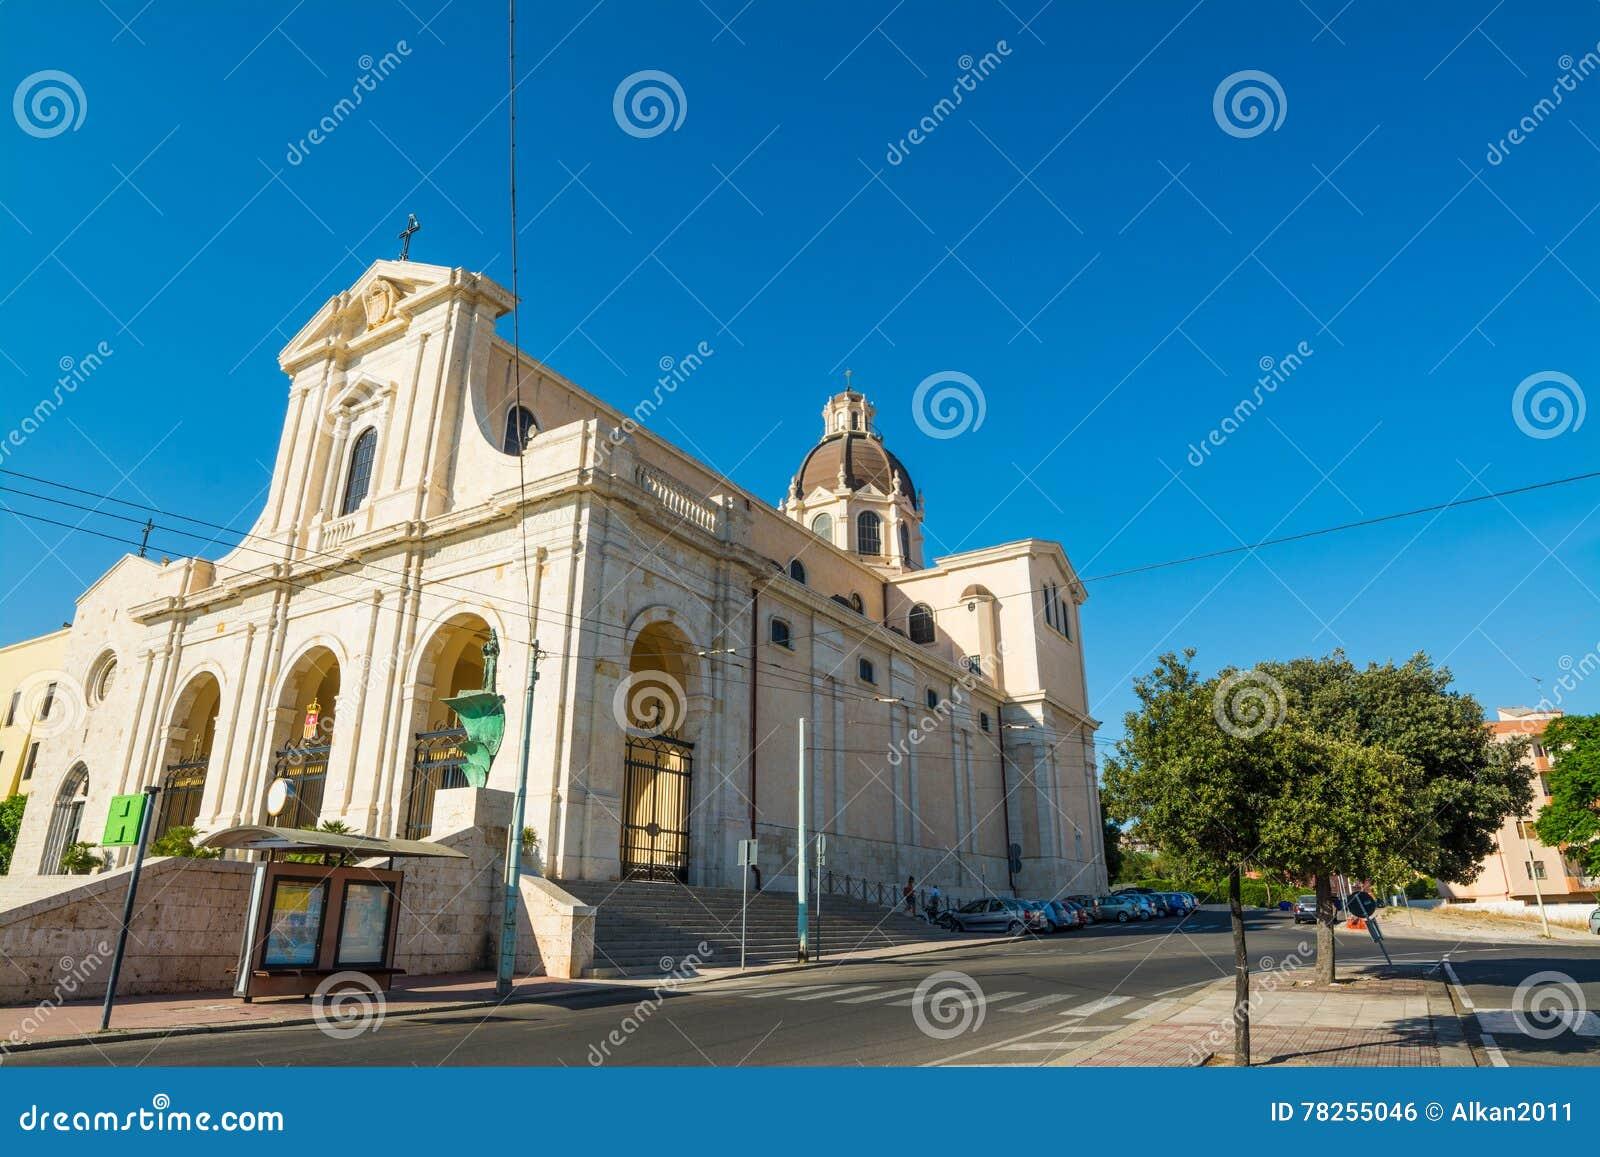 Καθεδρικός ναός Bonaria στο Κάλιαρι